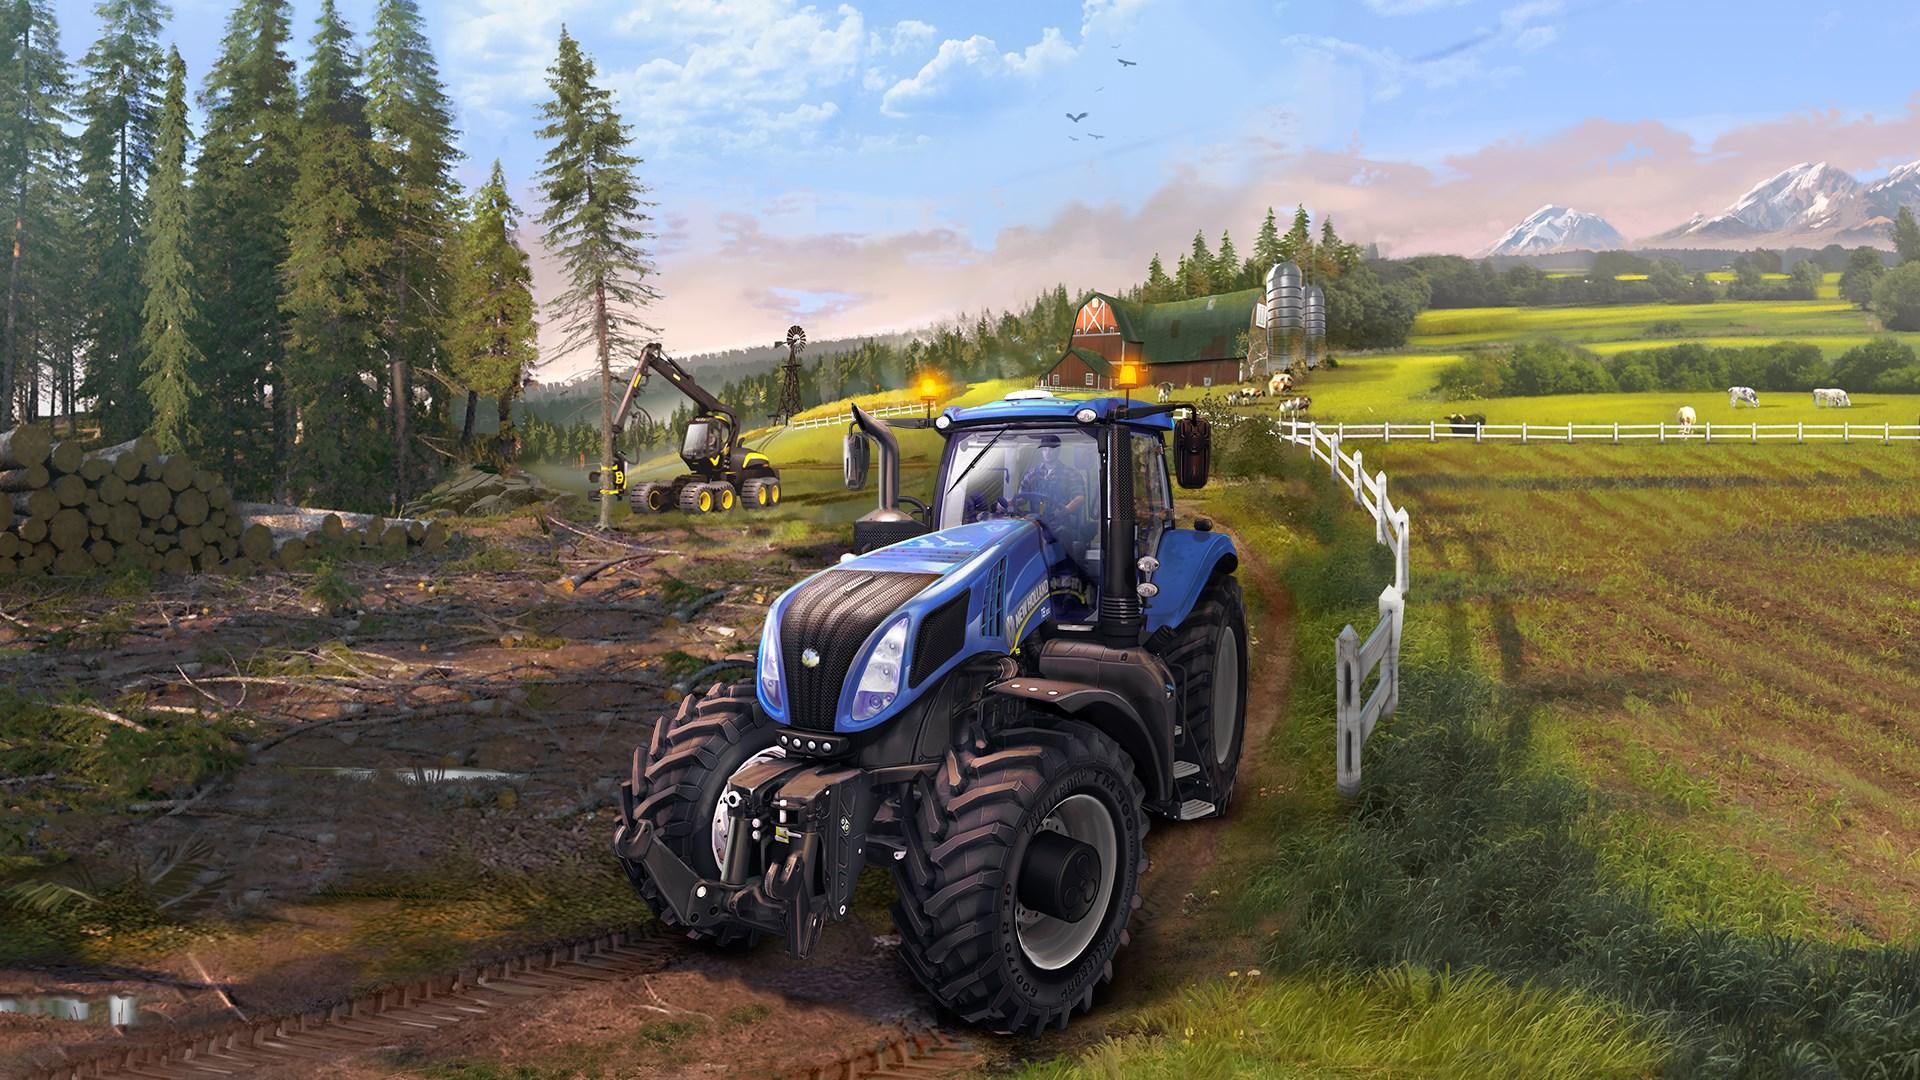 Los esports llegaron a la agricultura: comienza la Farming Simulator League